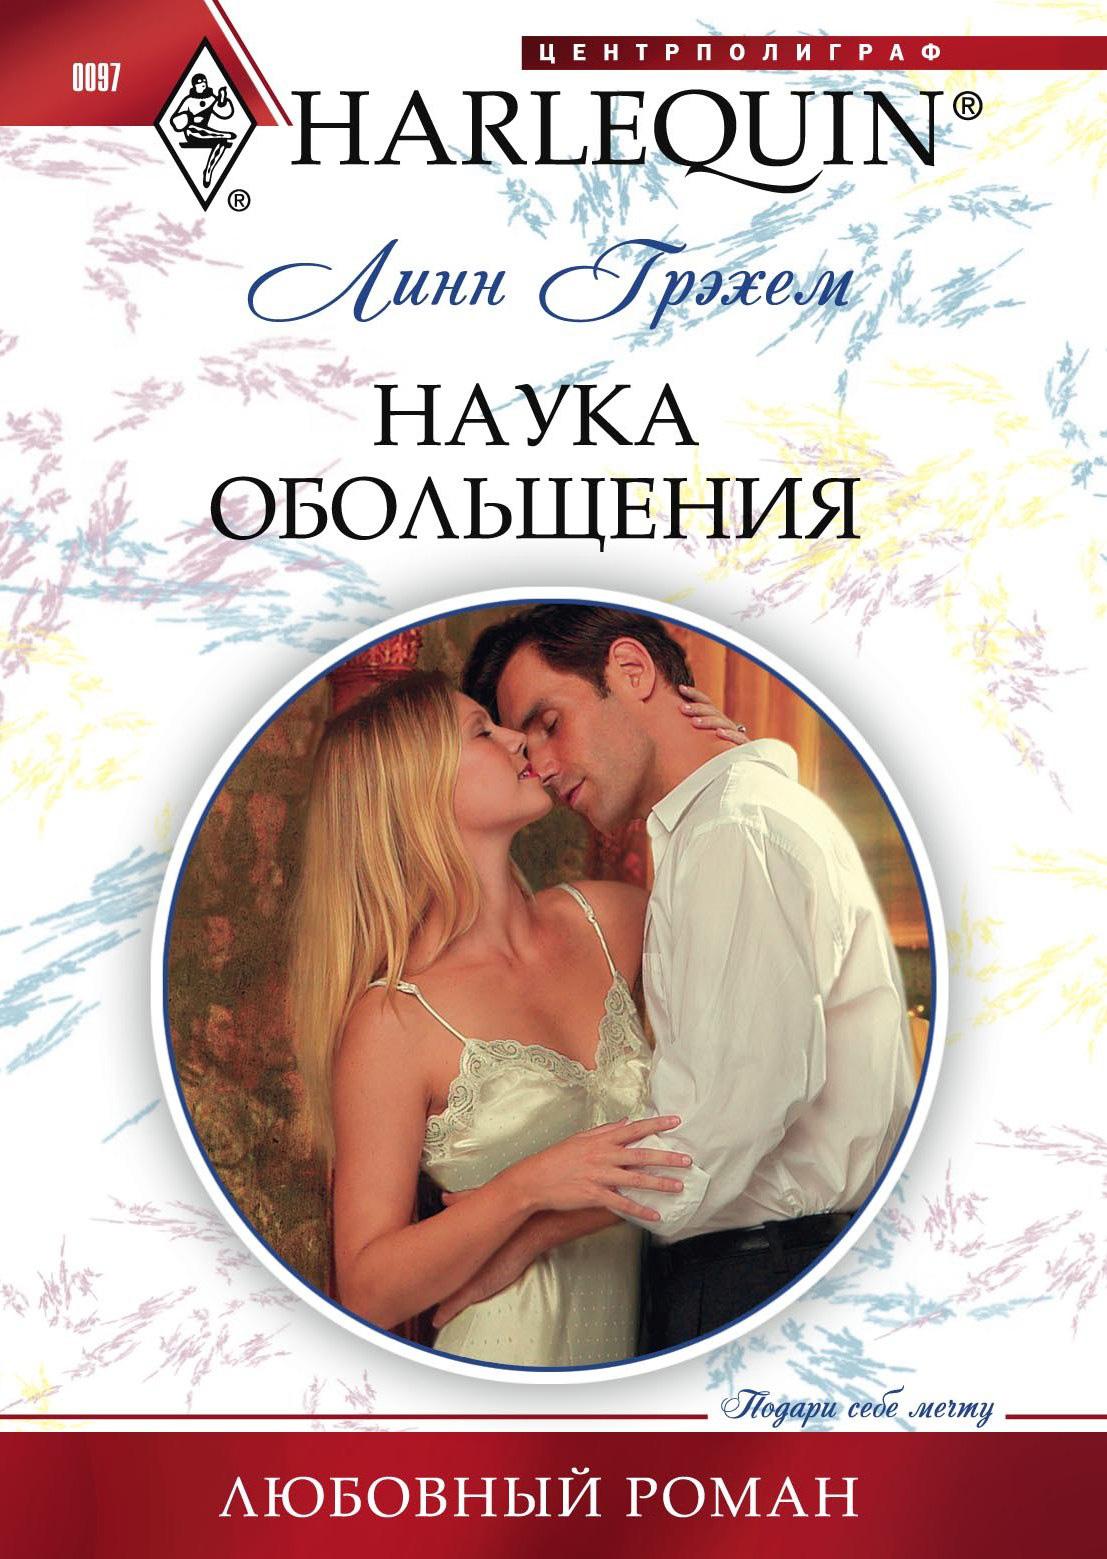 chitat-soblaznitelnaya-tsvetochnitsa-linn-grehem